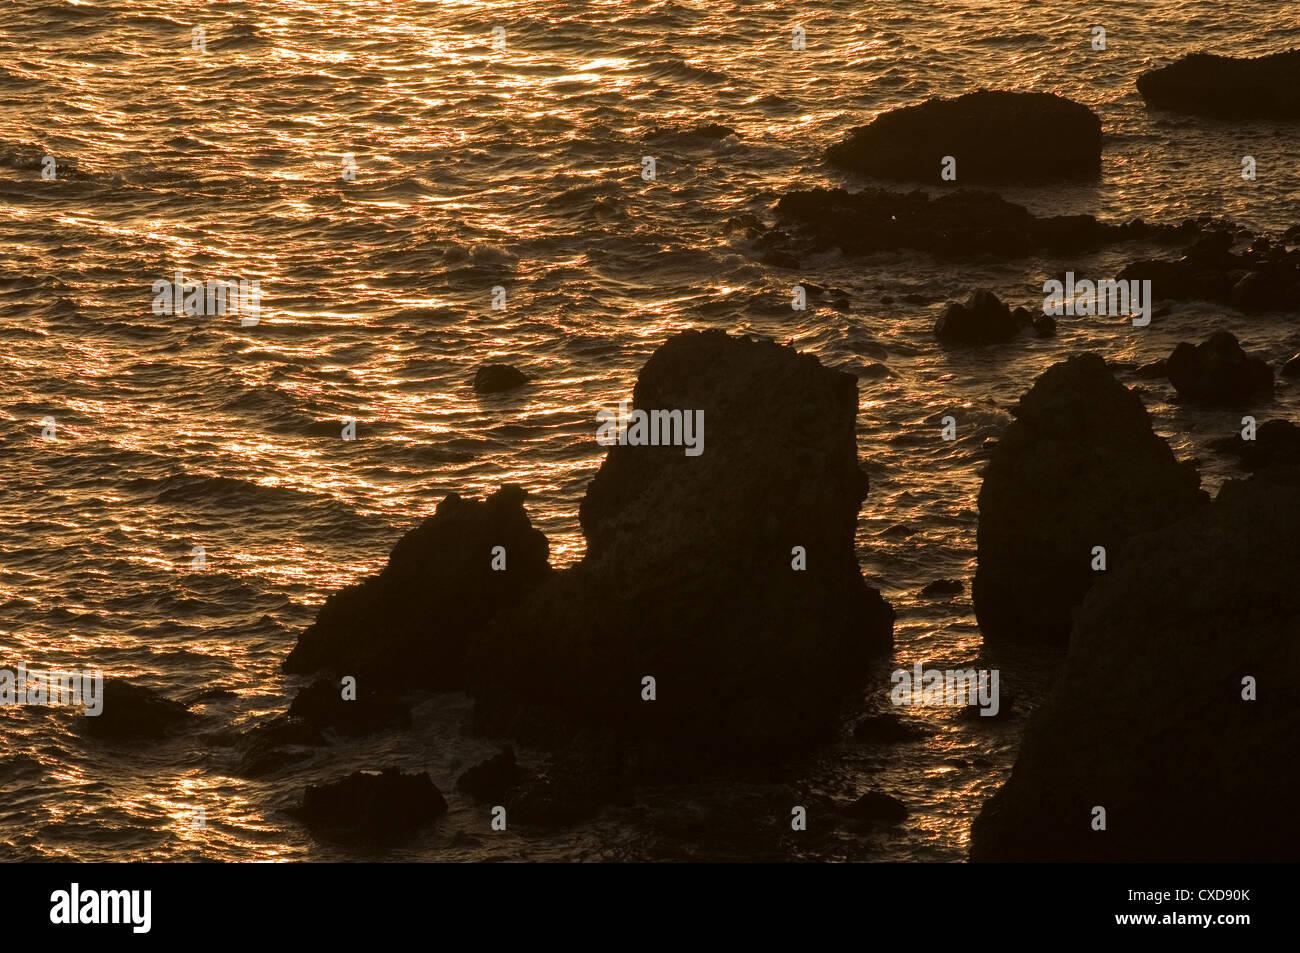 jagged rocks rocks hidden sea waves coast coastline ragged dusk dark - Stock Image